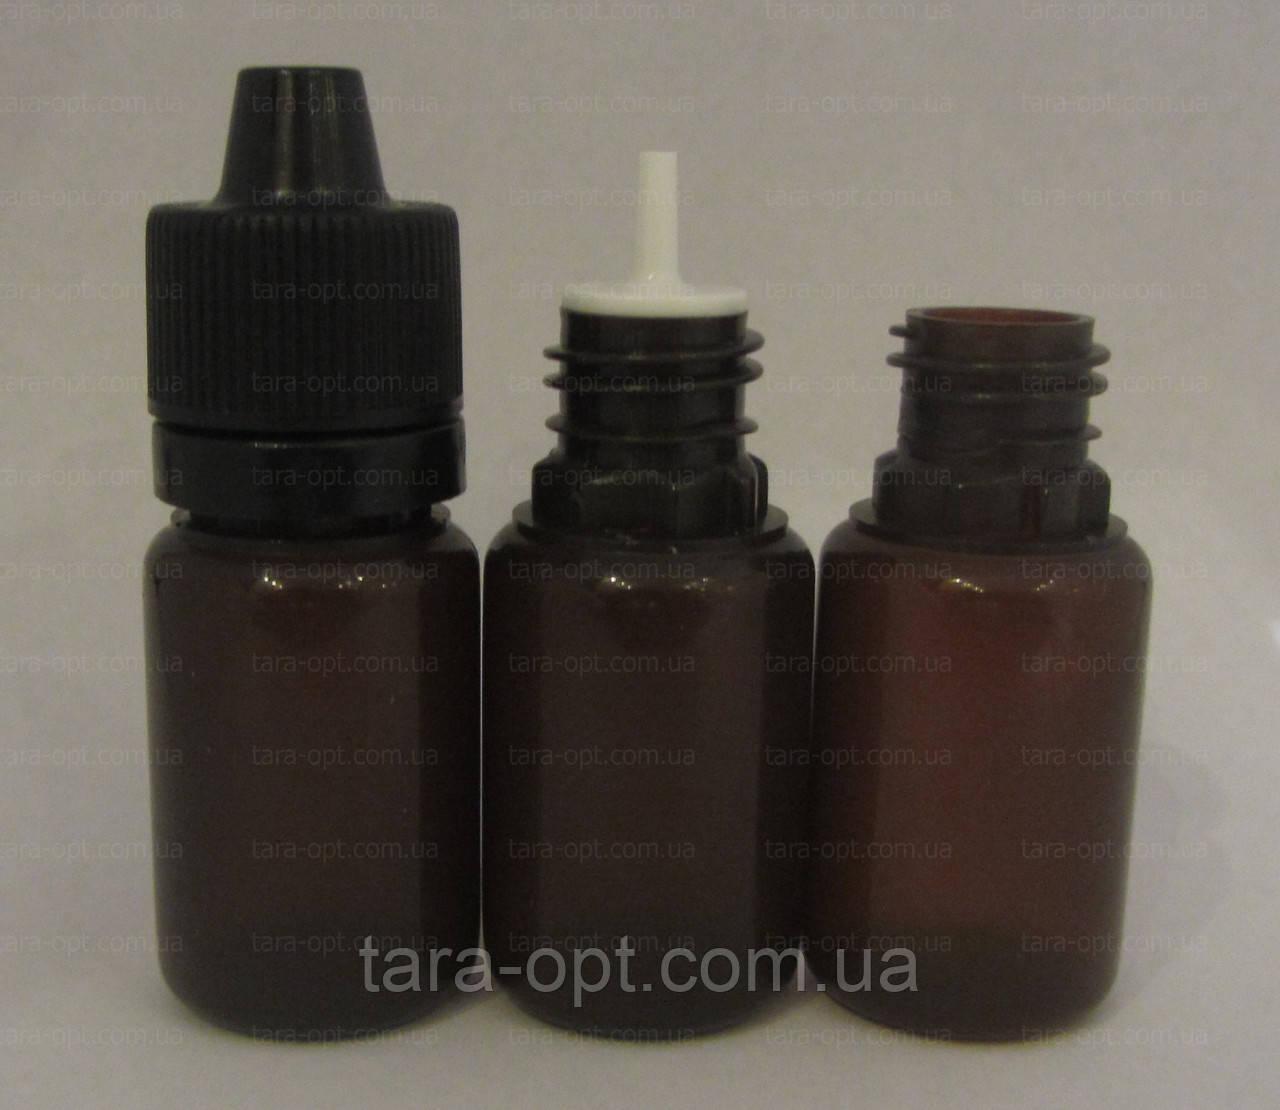 Флакон коричневый 10 мл с защитой от детей (Цена от 1,65 грн)